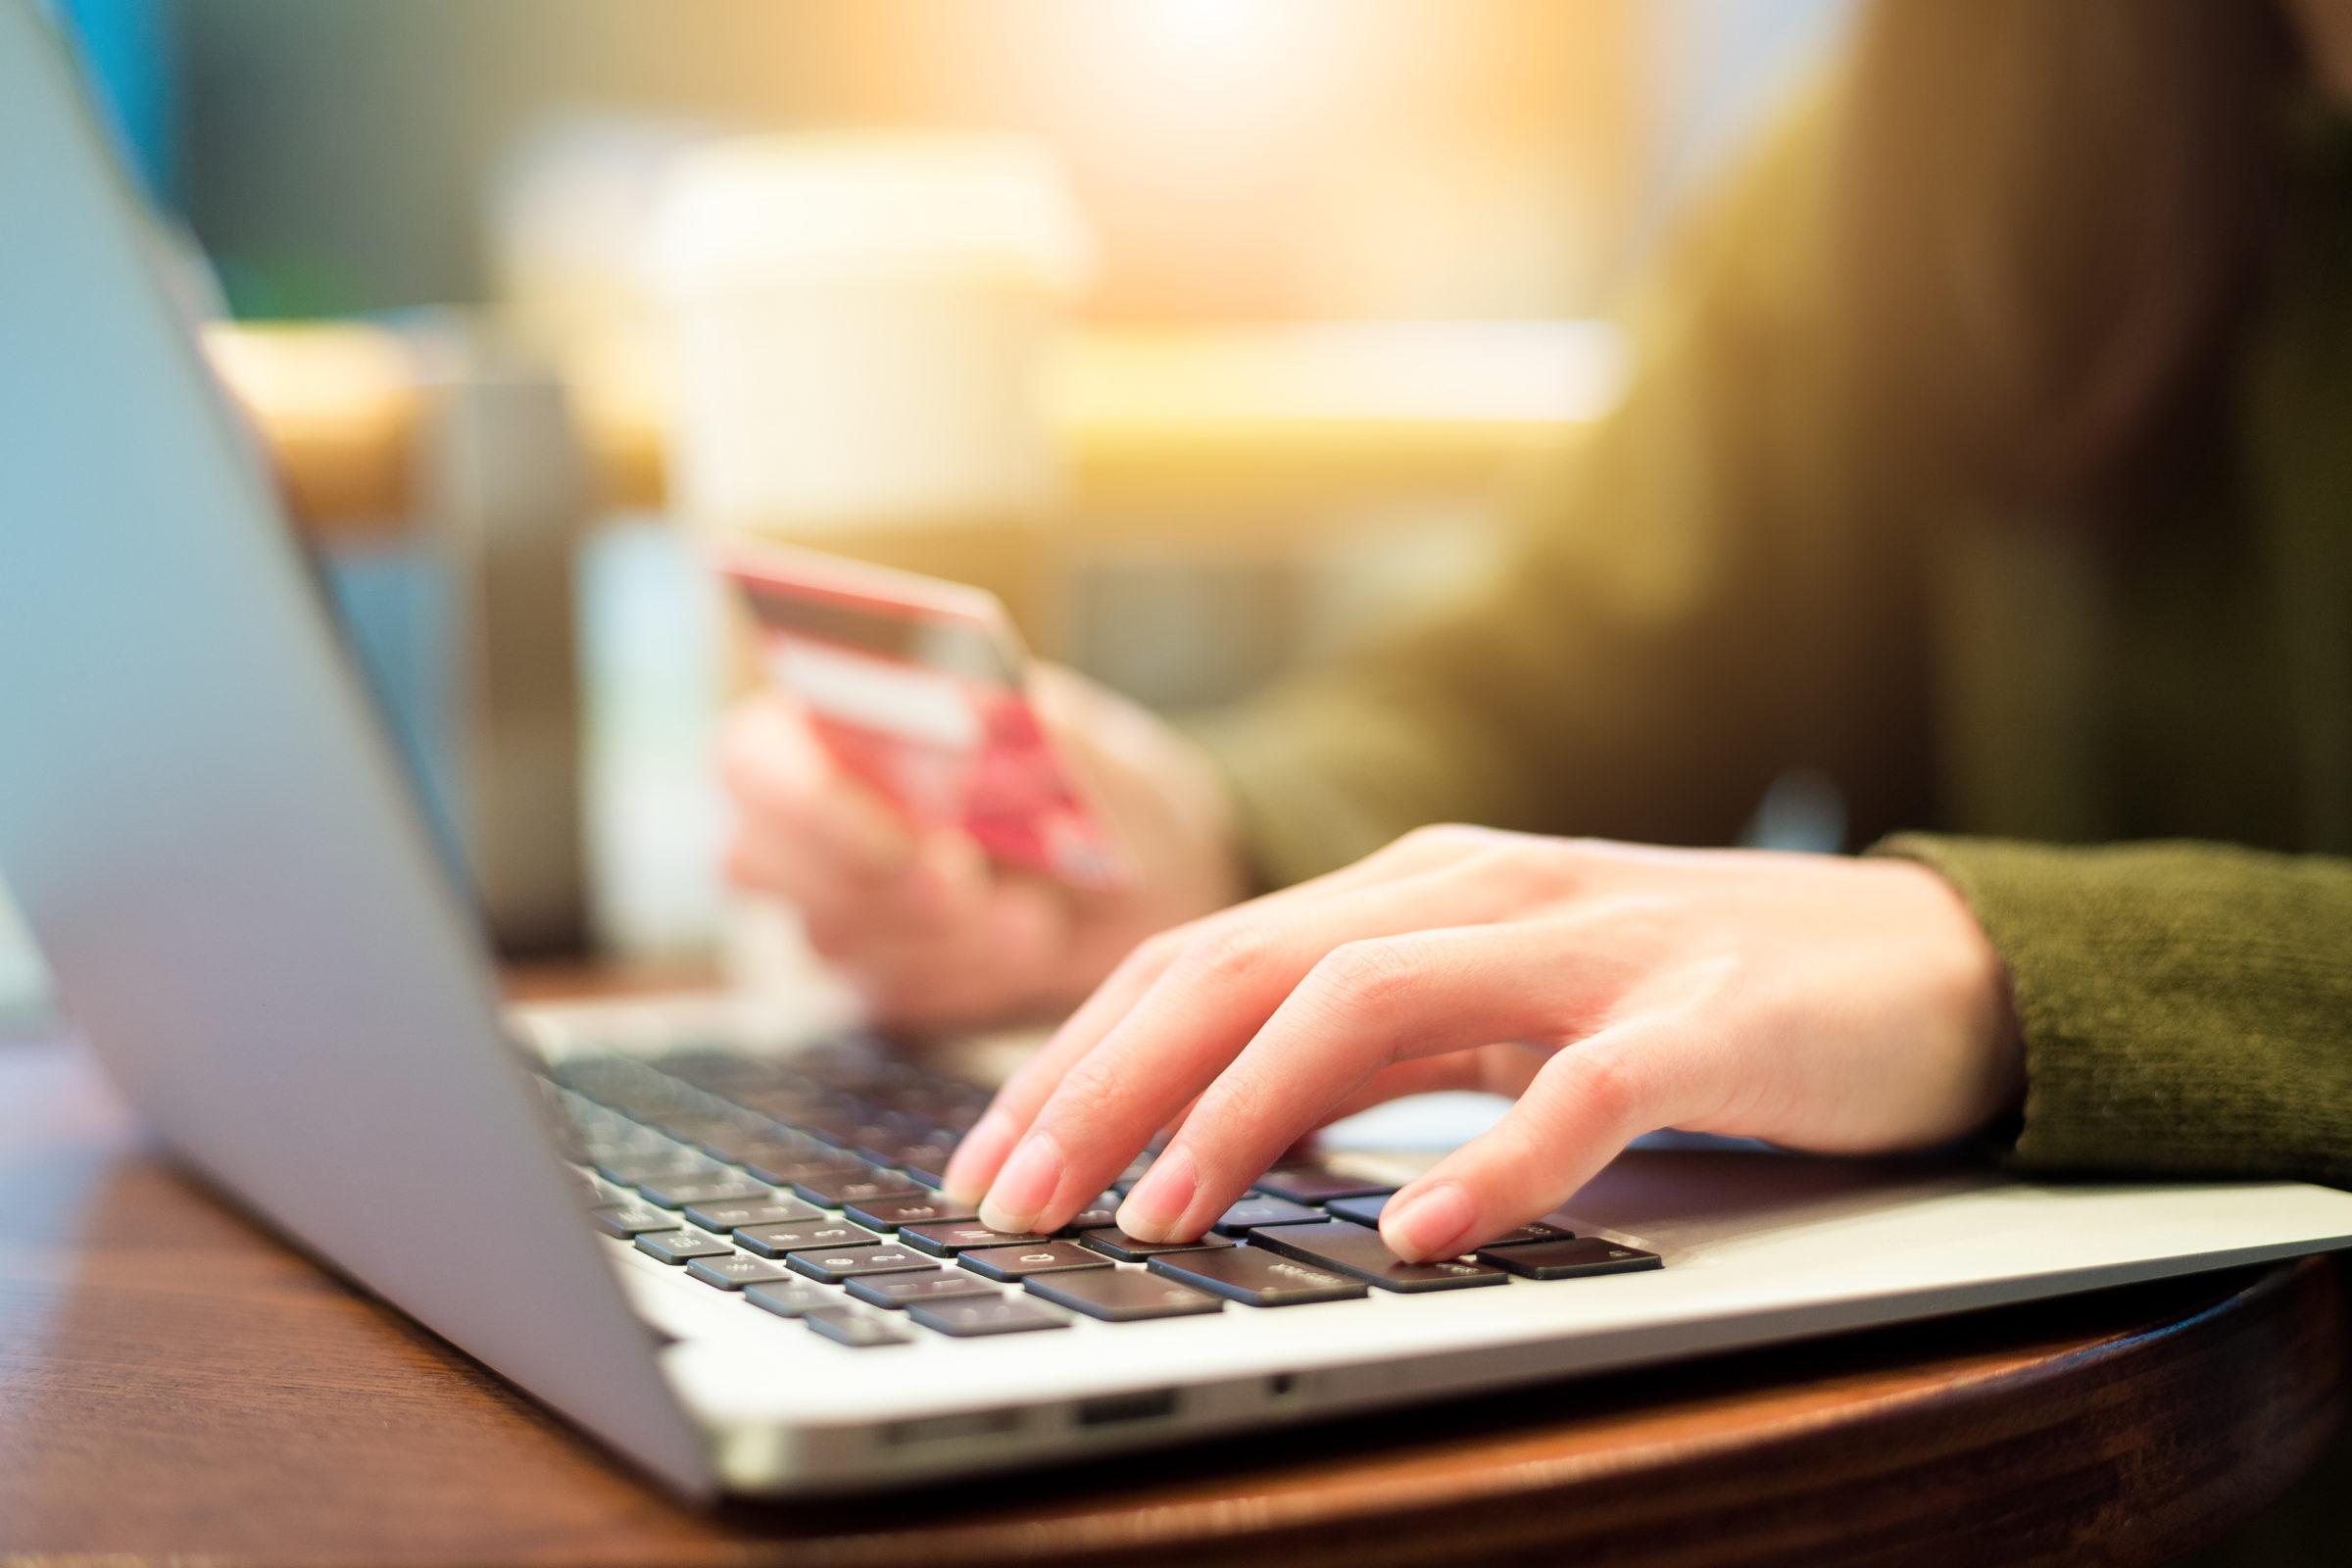 woman shopping online ENP22GF